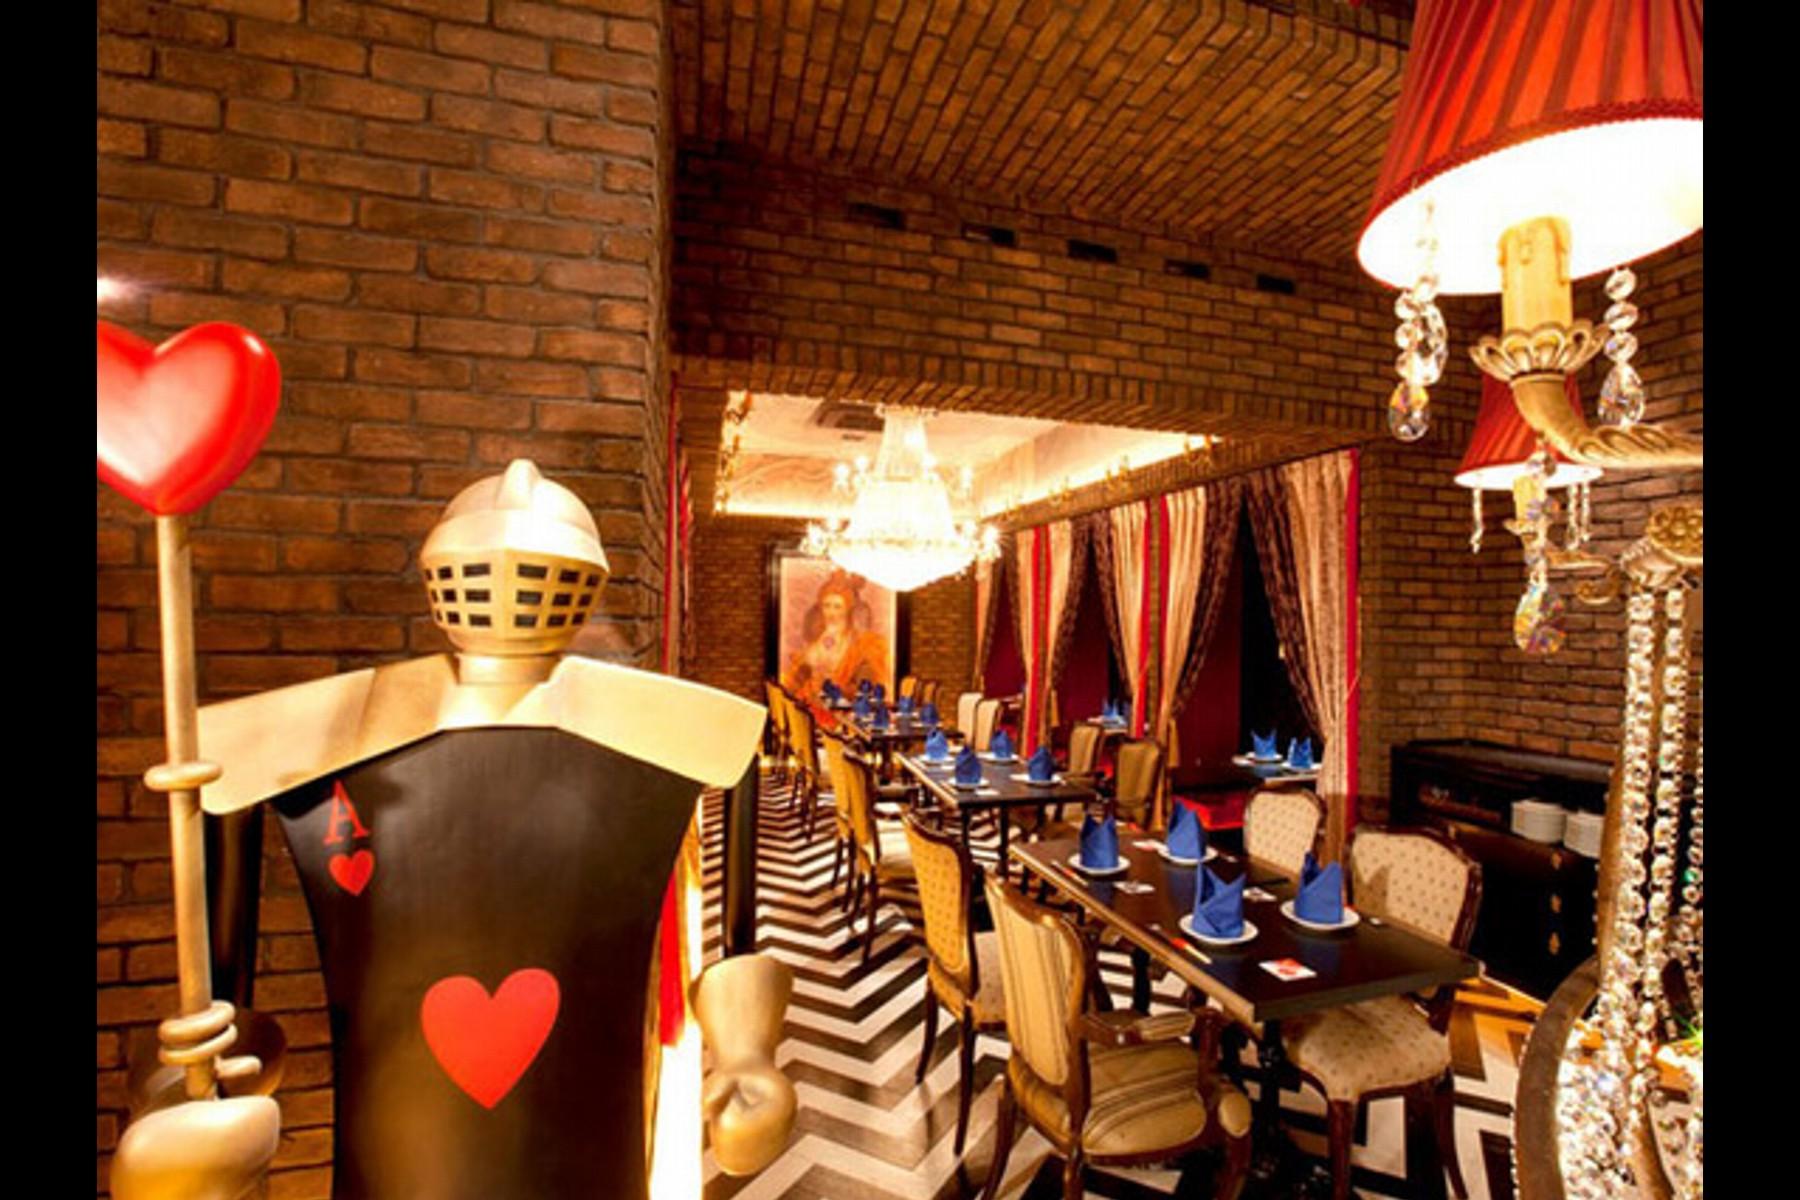 restaurantes_frikis_5163_570x